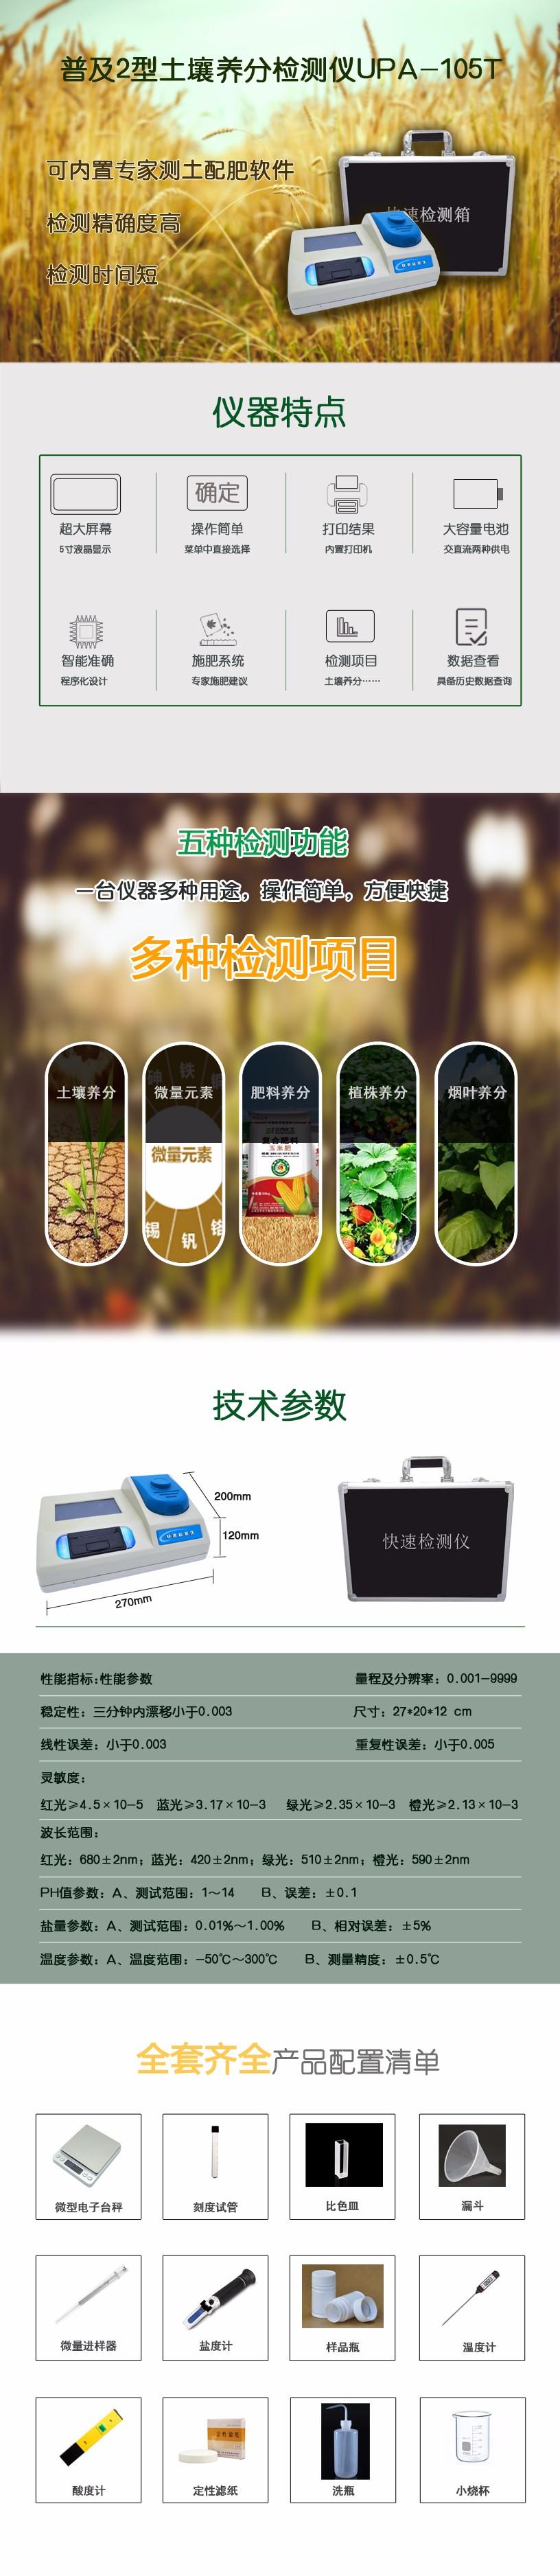 普及2型土壤养分检测仪UPA-105T1.jpg